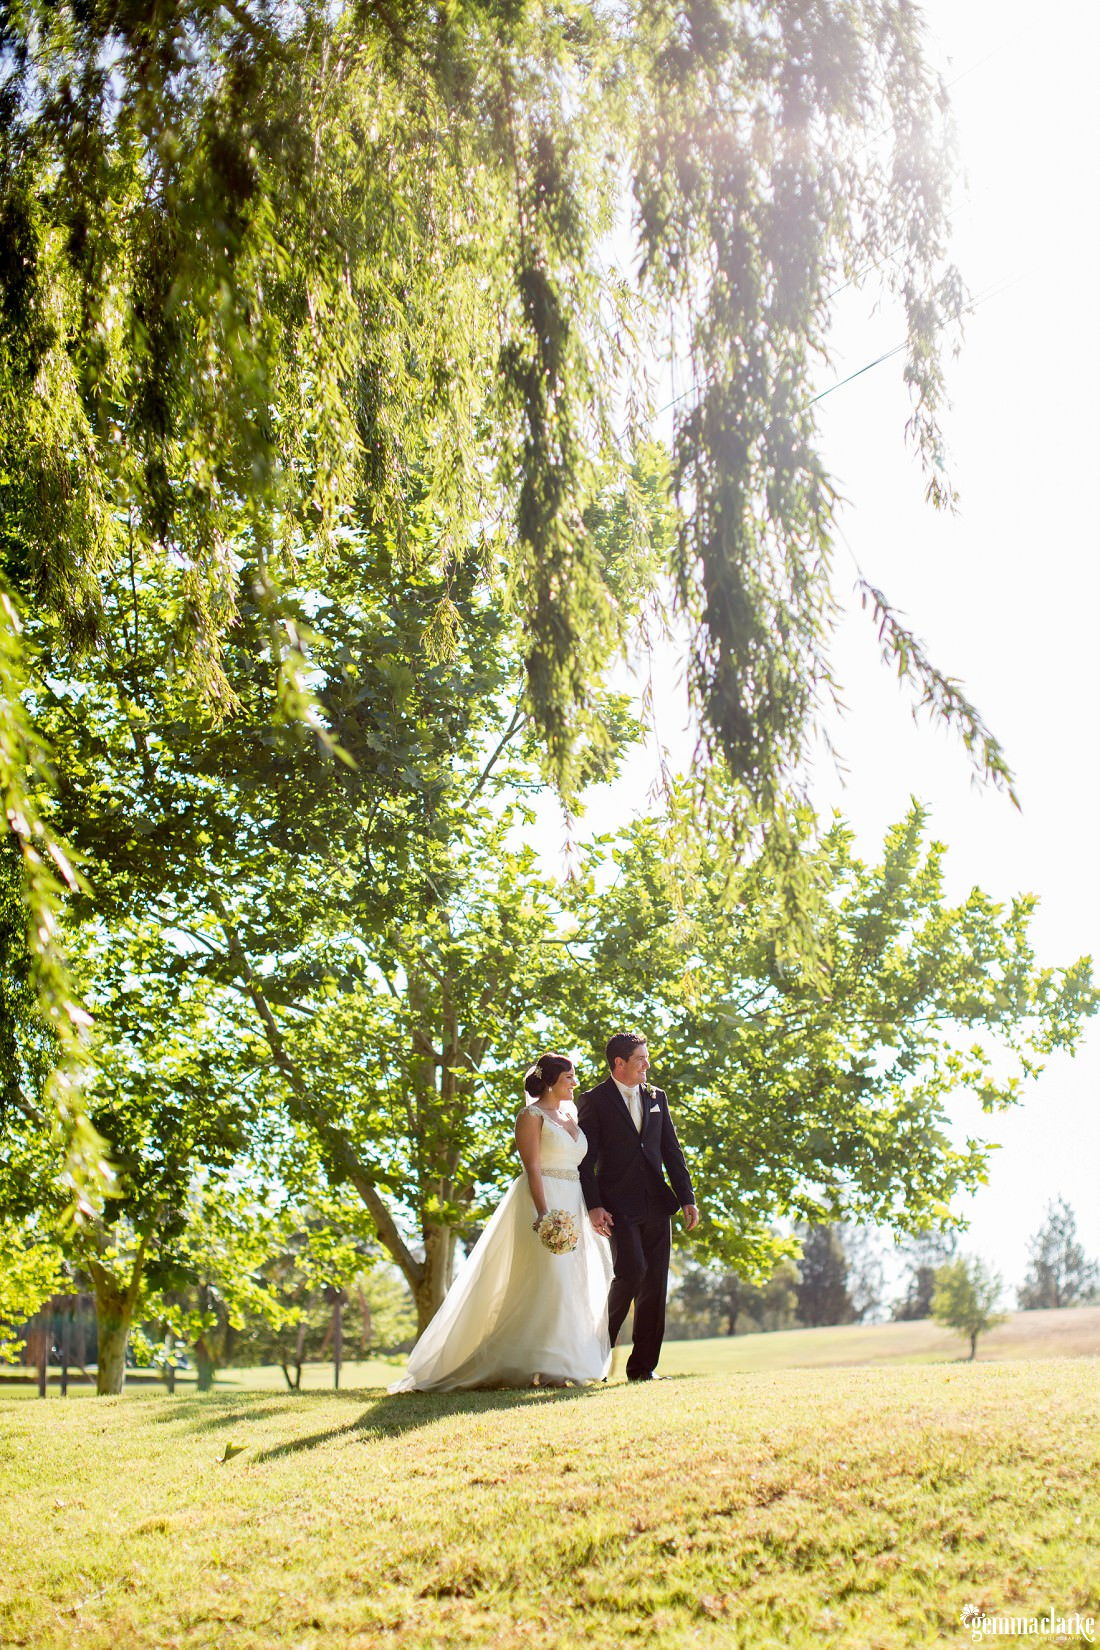 gemma-clarke-photography_sebel-hawkesbury-wedding_kathryn-and-chris_0040